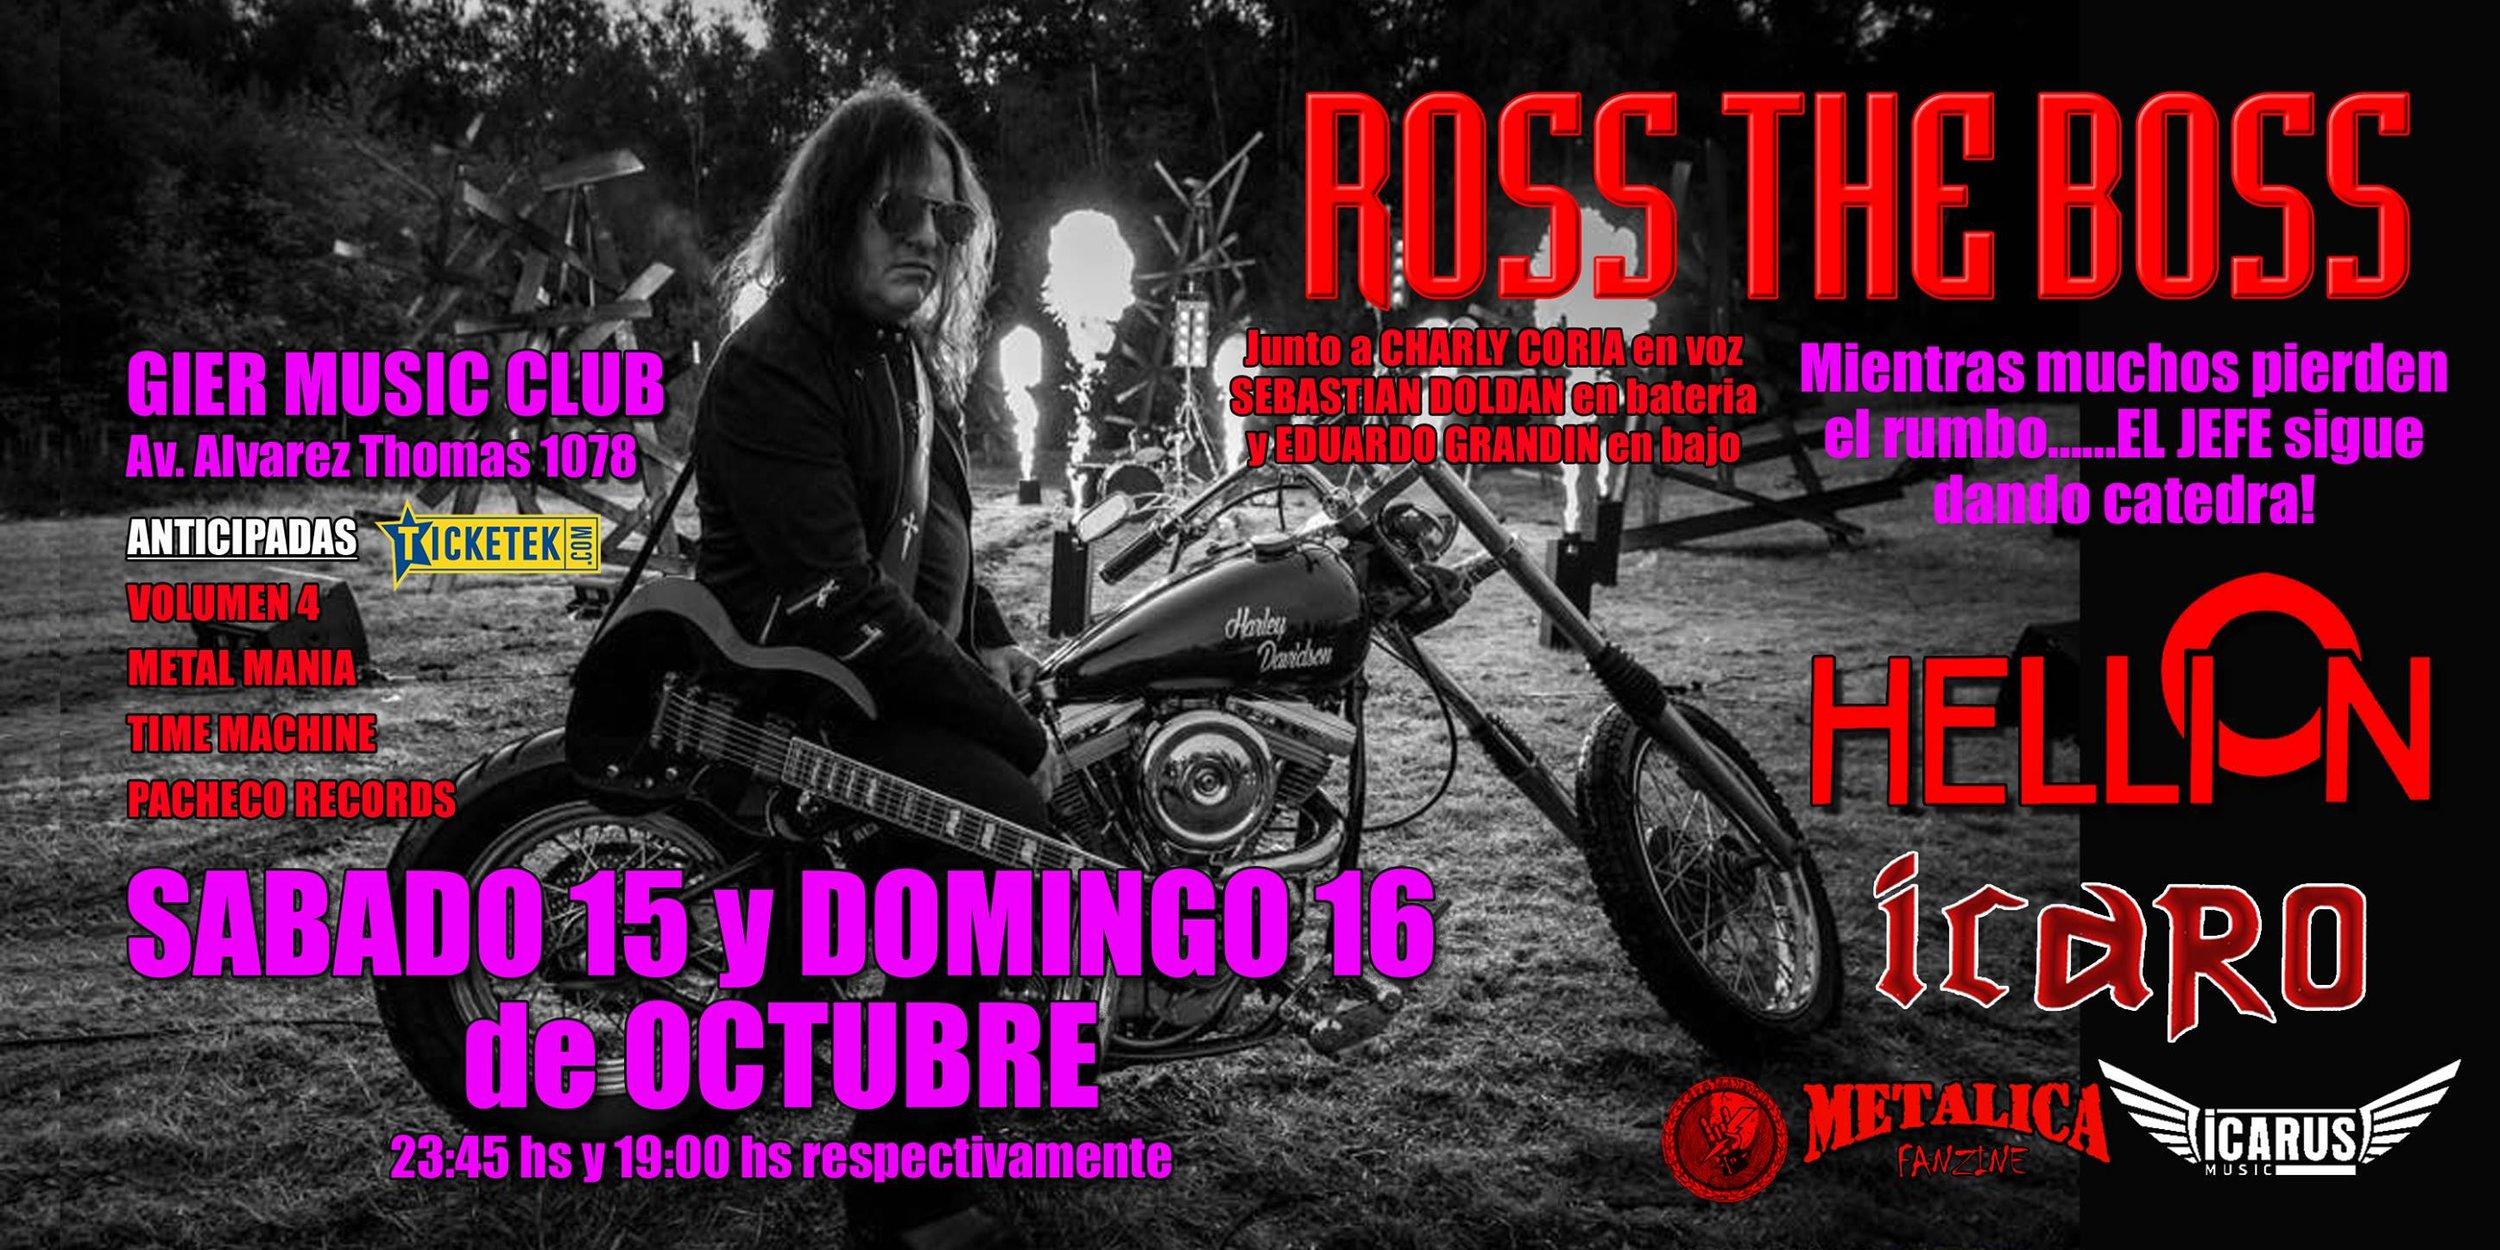 Event Flyer - Argentina.09182016j.pg.jpg